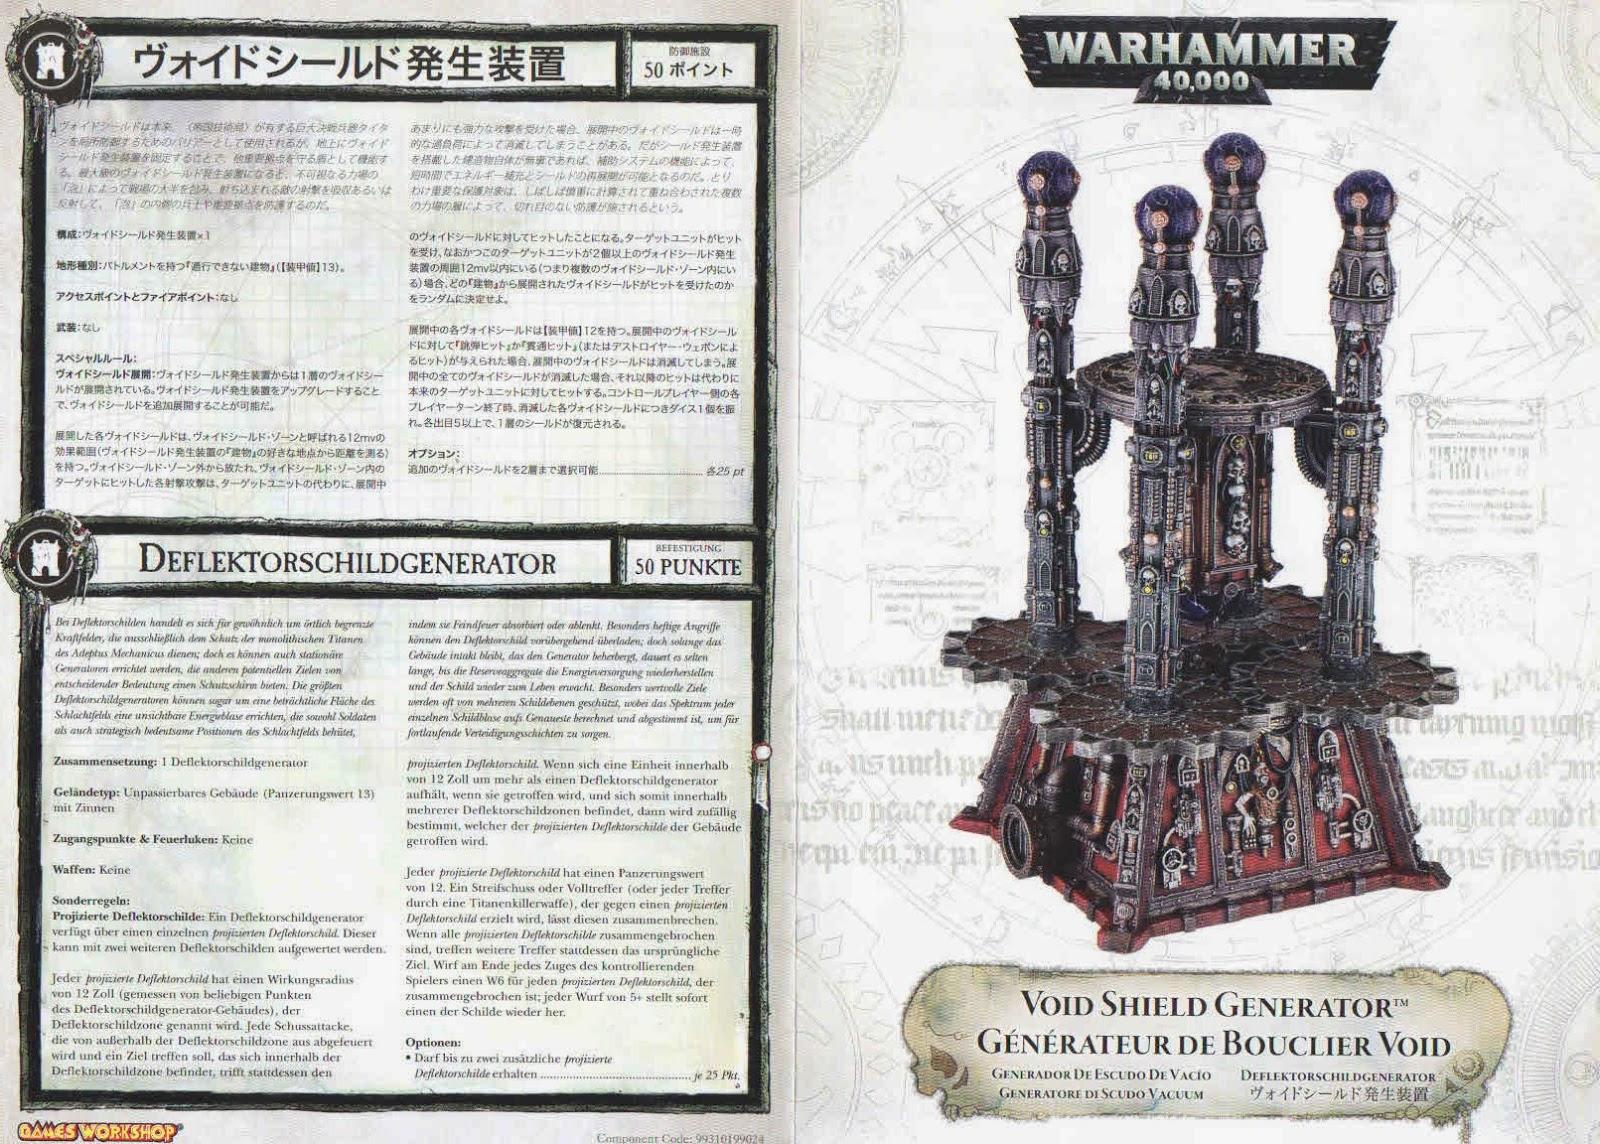 Instrucciones del Generador de Escudo de Vacio